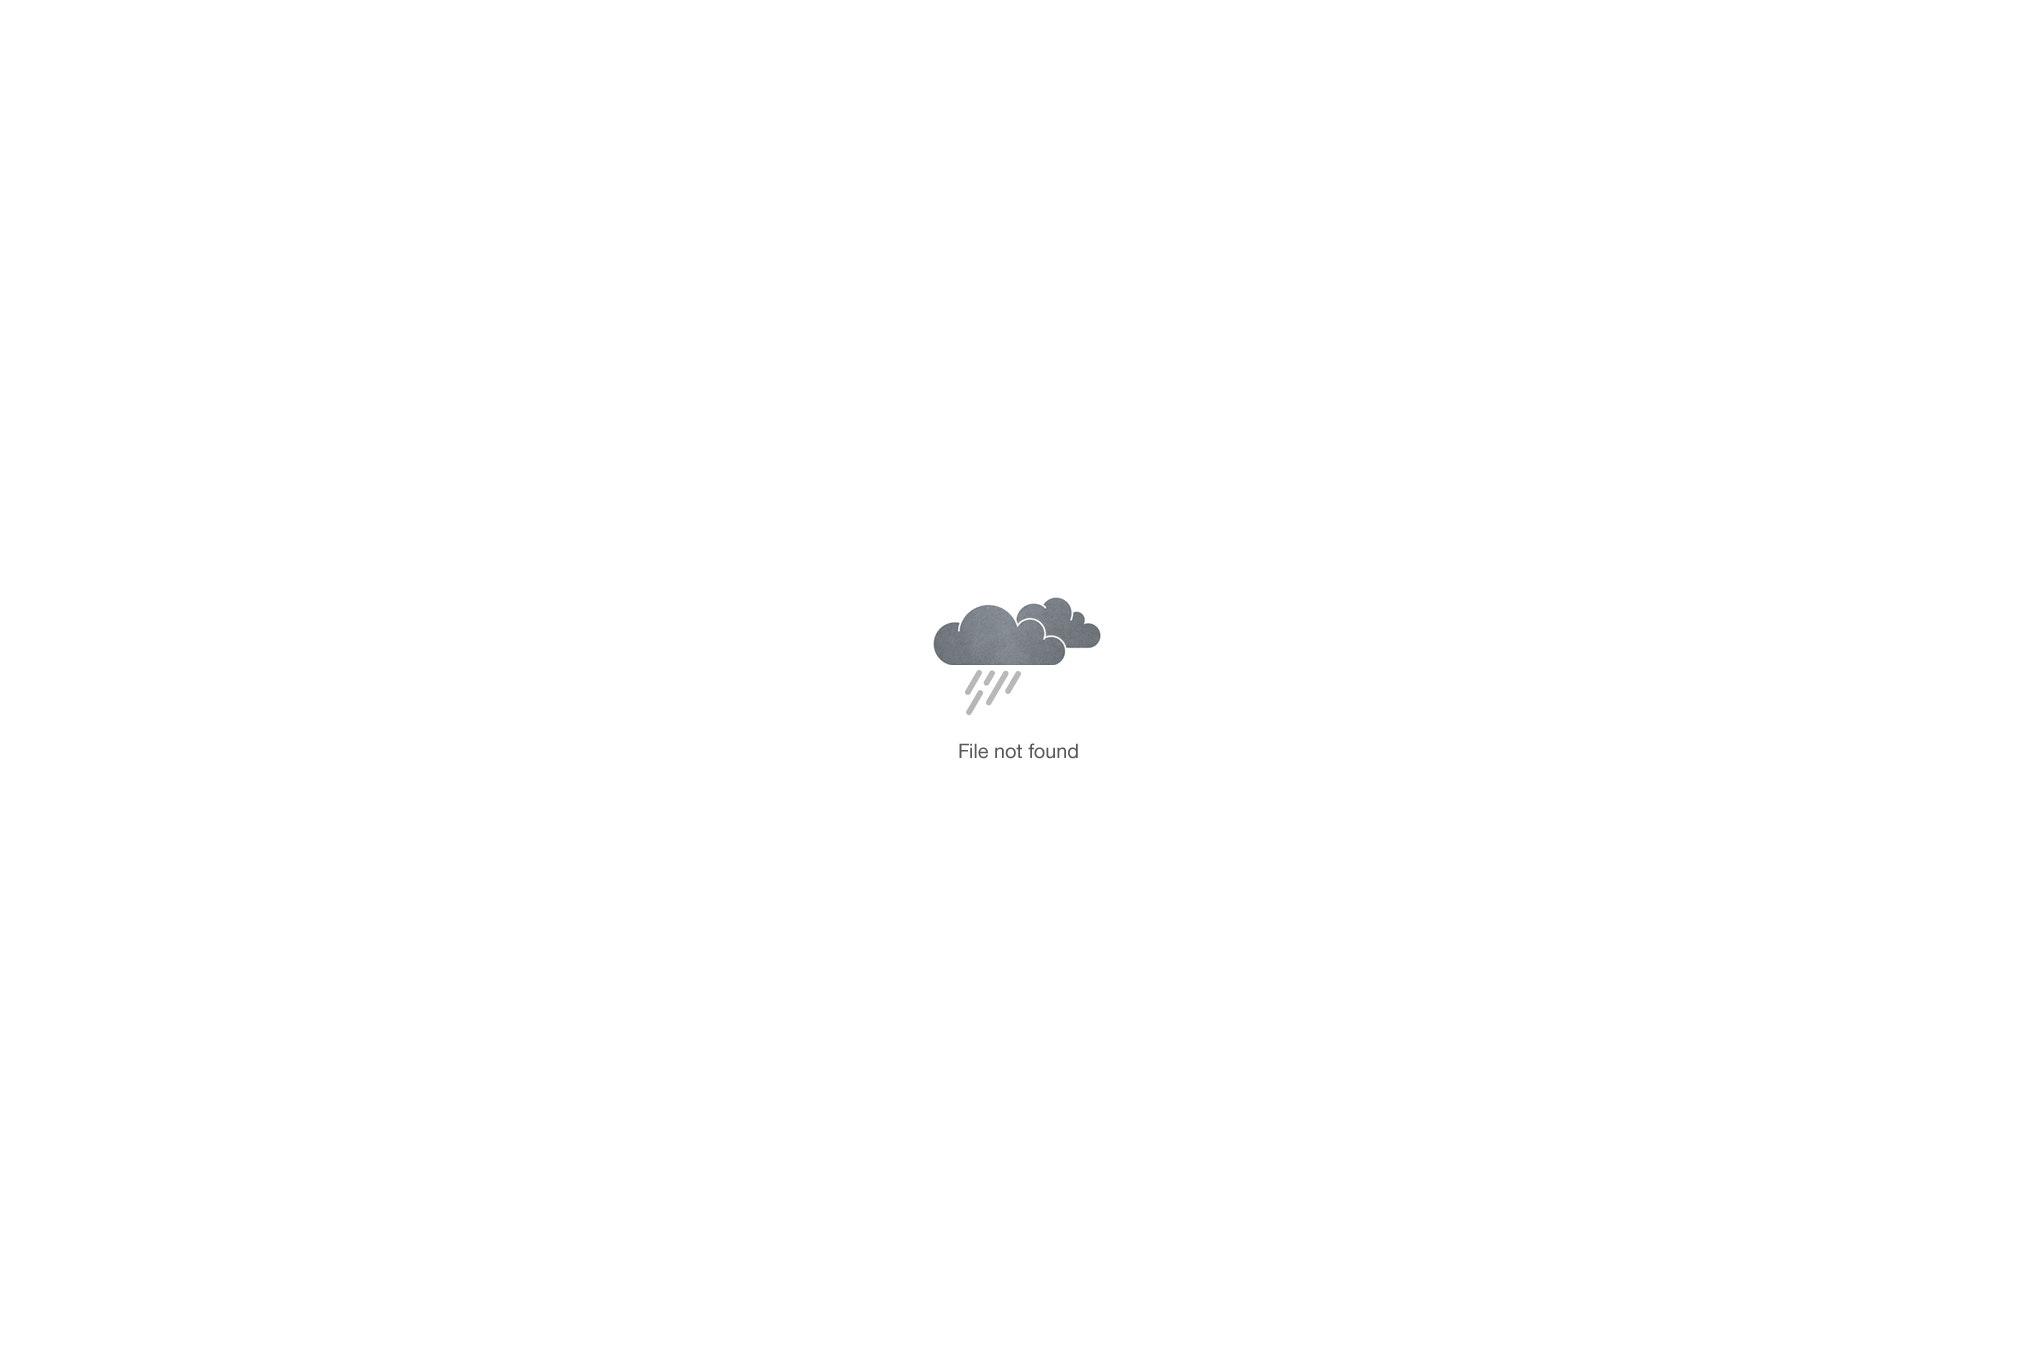 Soufian-Ratib-Ski-Sponsorise-me-image-4